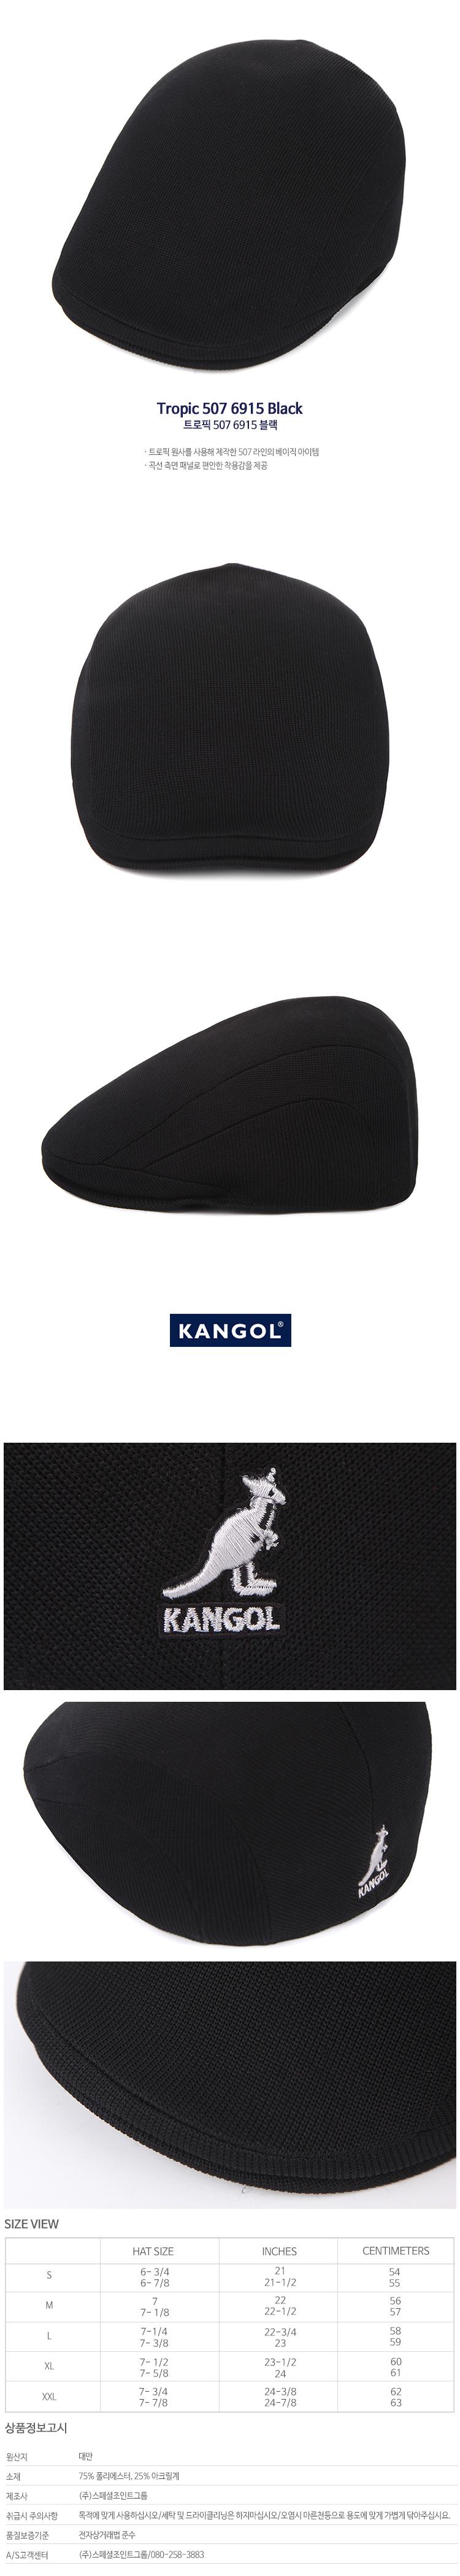 캉골(KANGOL) Tropic 507 6915 Black